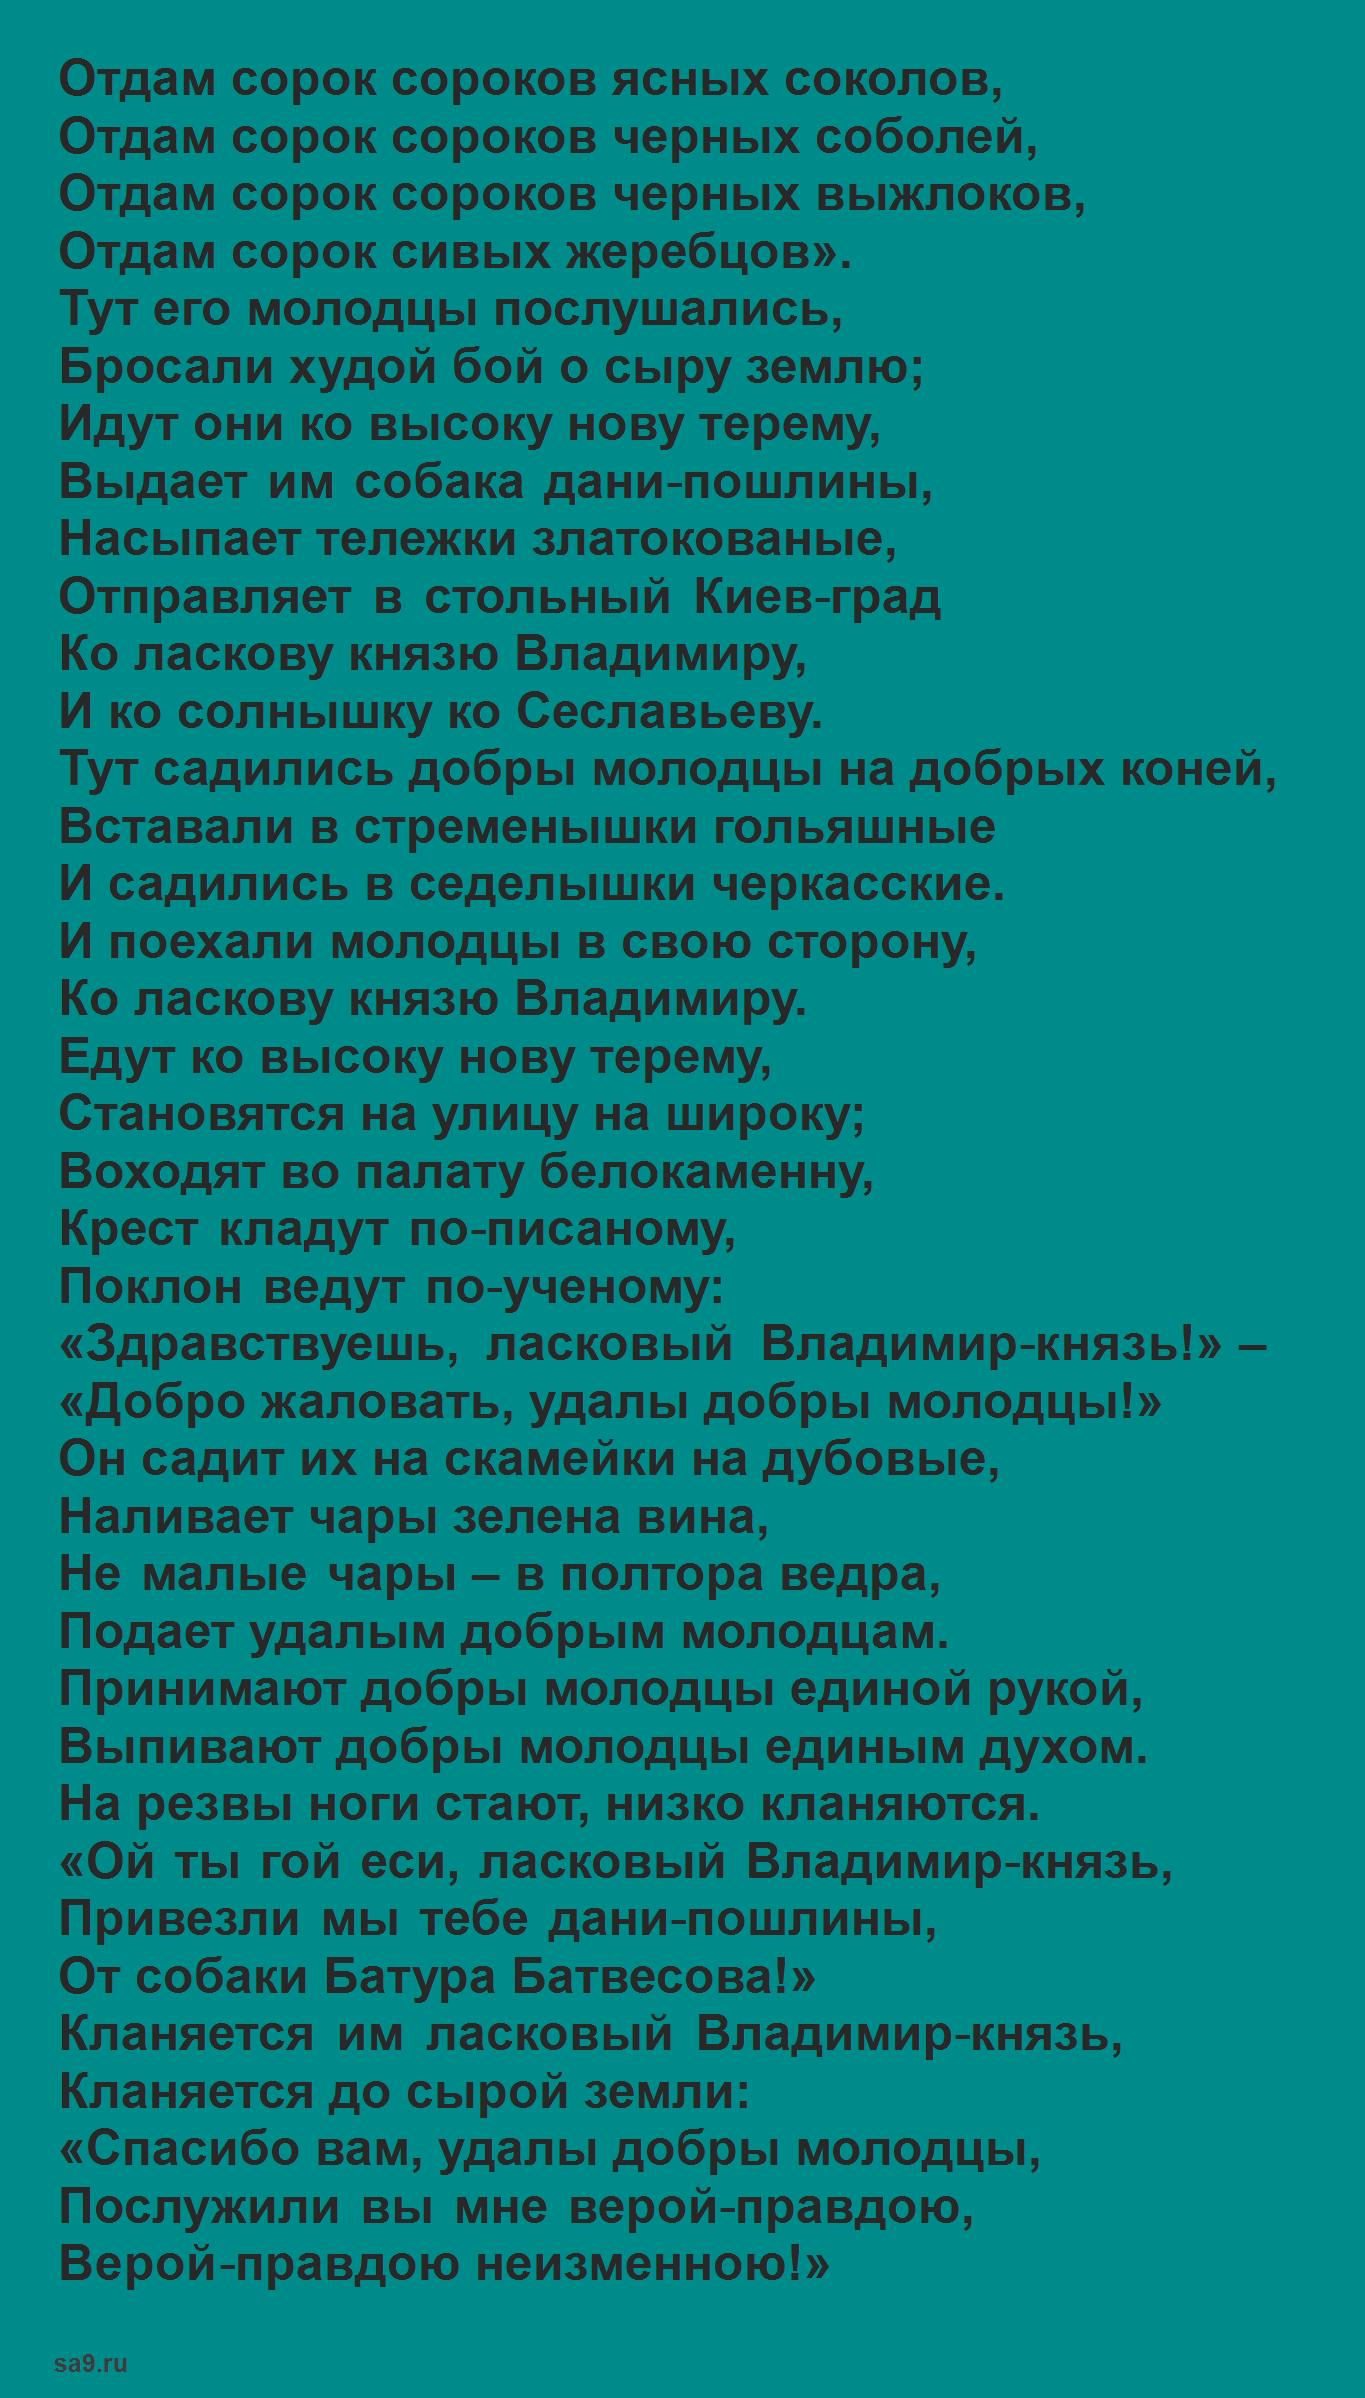 Читать былину - Добрыня и Василий Казимирович